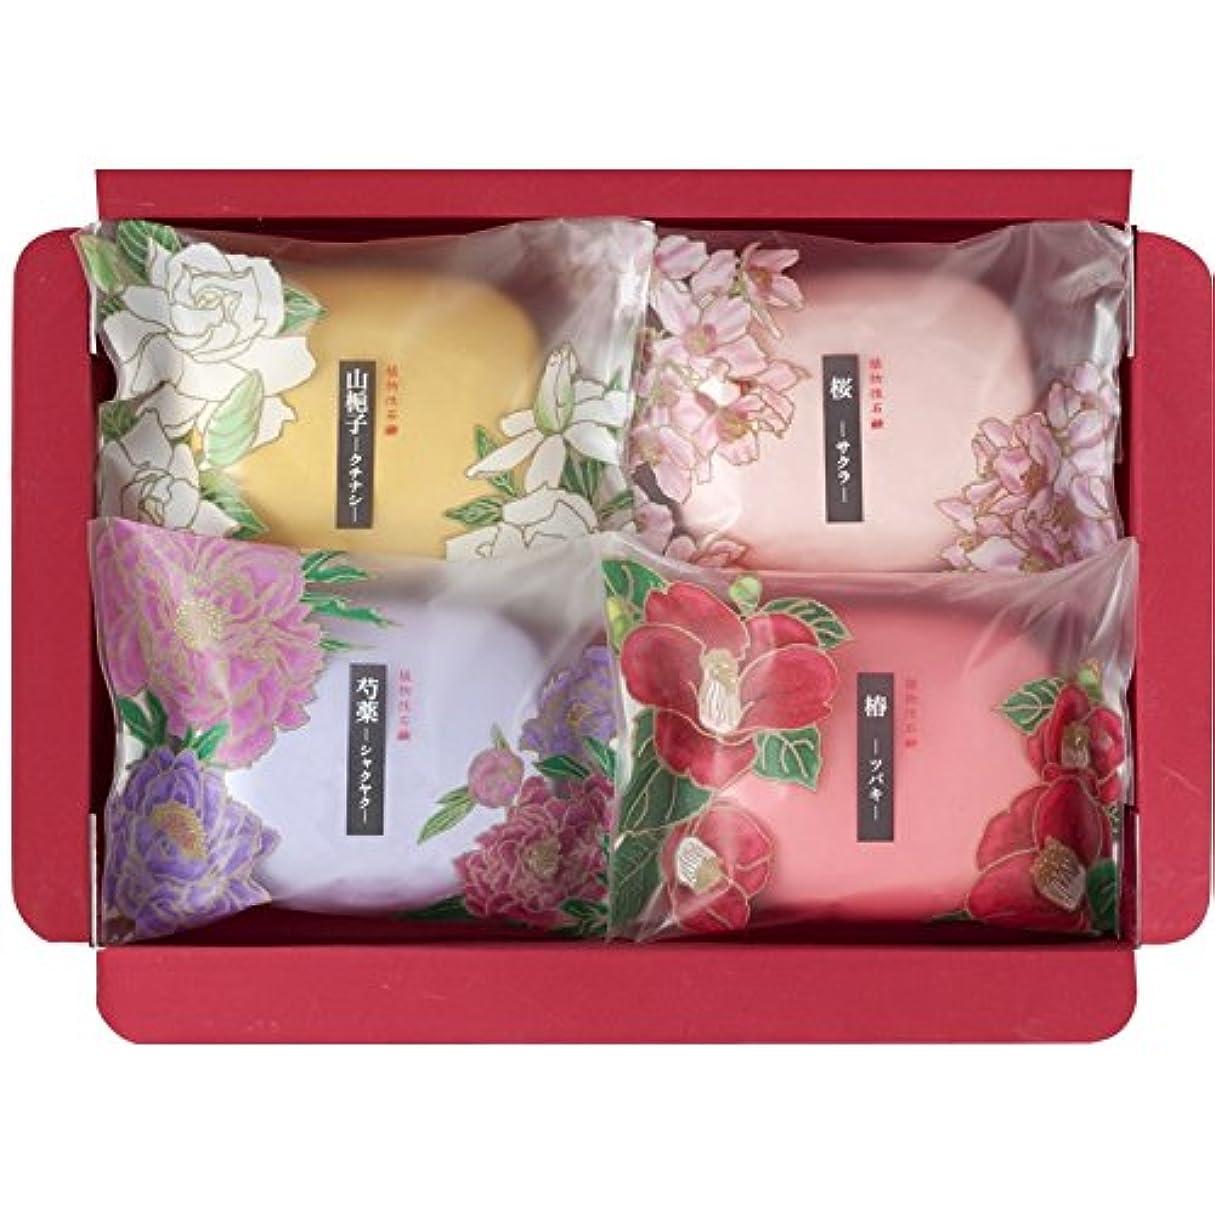 反映するマージン上へ彩花だより SAK-05 【石けん 石鹸 うるおい いい香り 固形 詰め合わせ セット 良い香り 美容 個包装 肌に優しい 日本製】